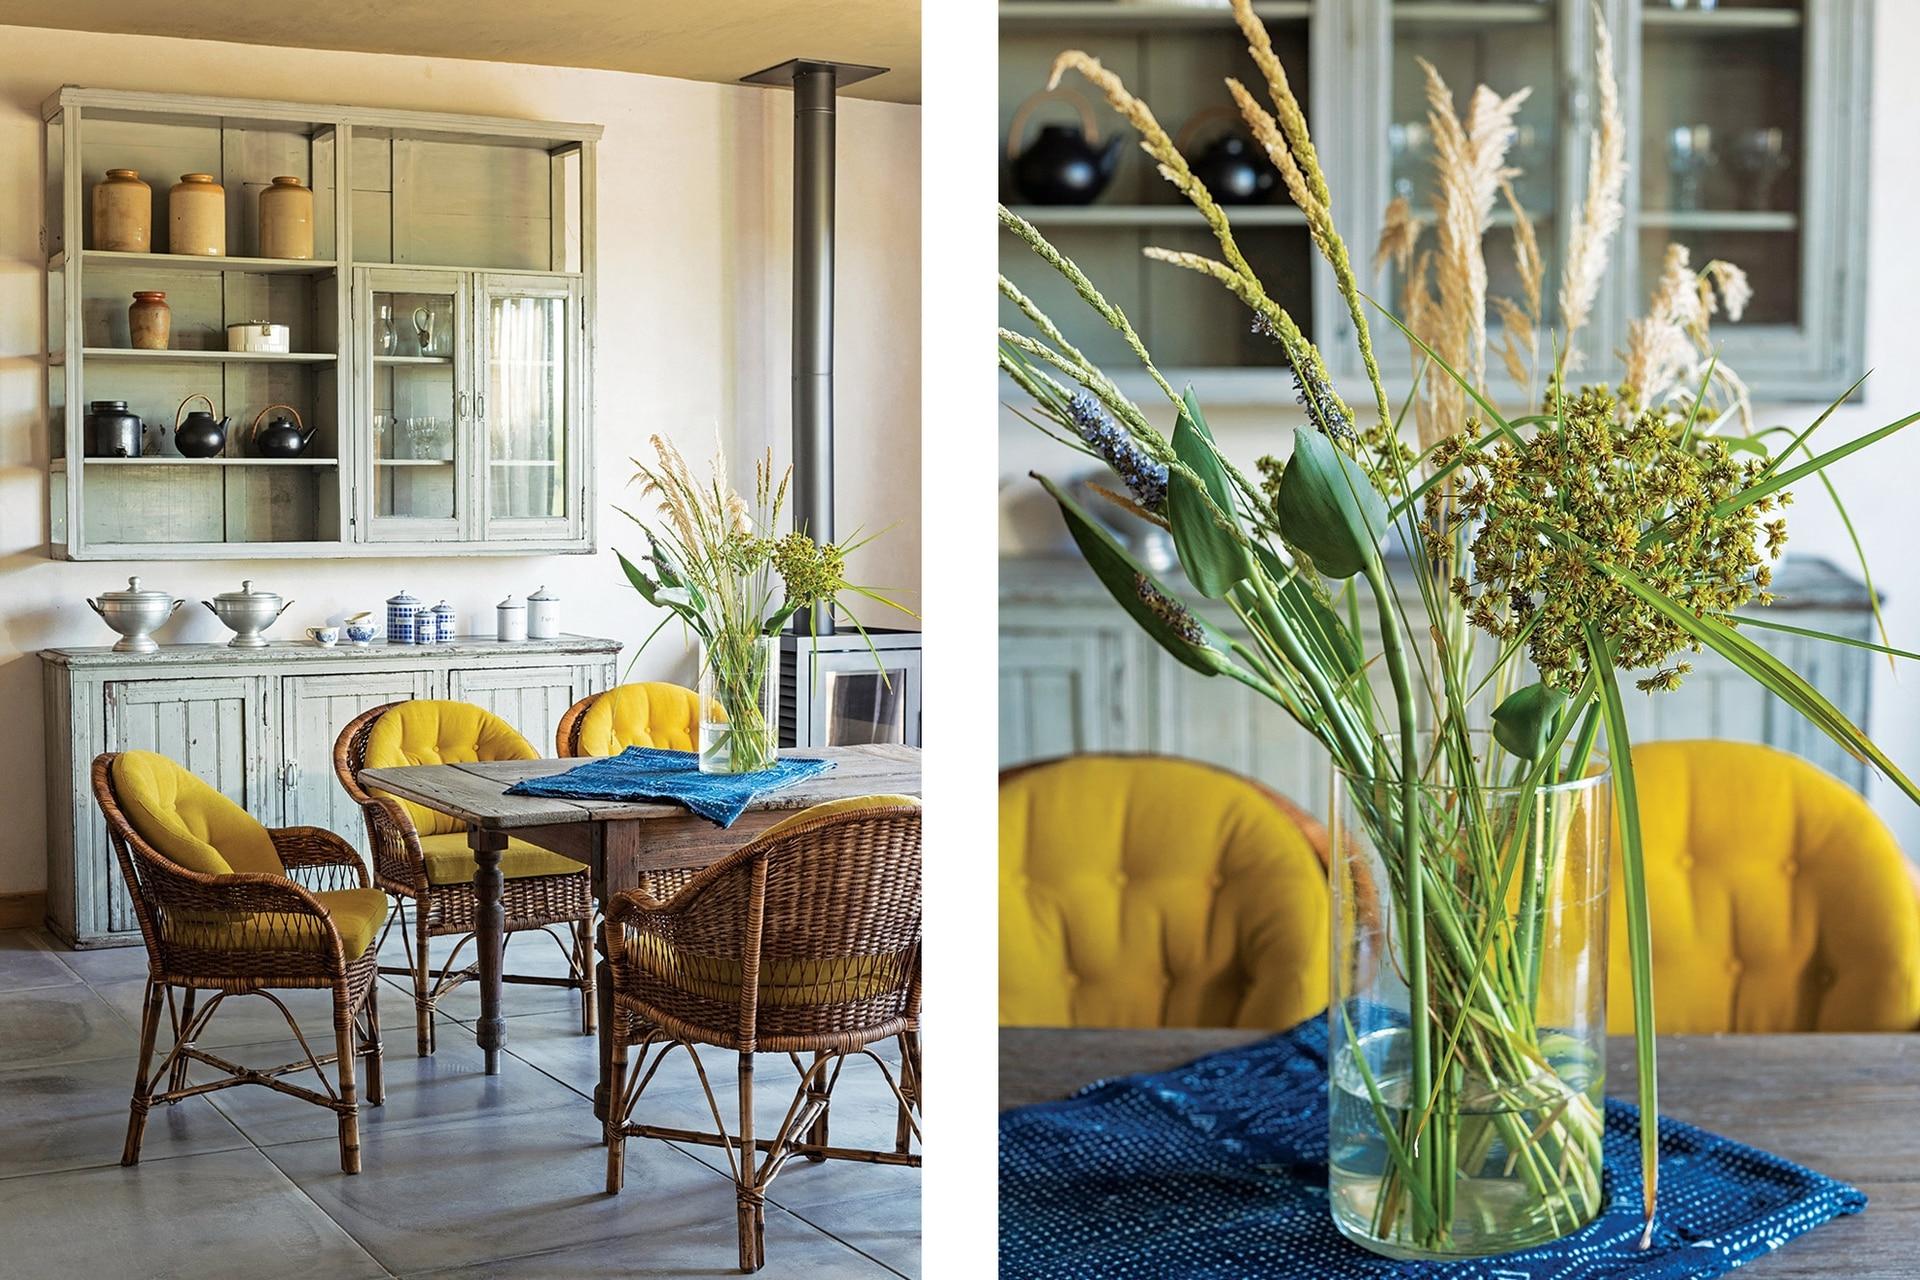 Vajillero (Pasado Imperfecto), mesa de madera (Mercado Don Toto) y sillones de mimbre tejido con almohadones amarillos (Cecilia Lagos).